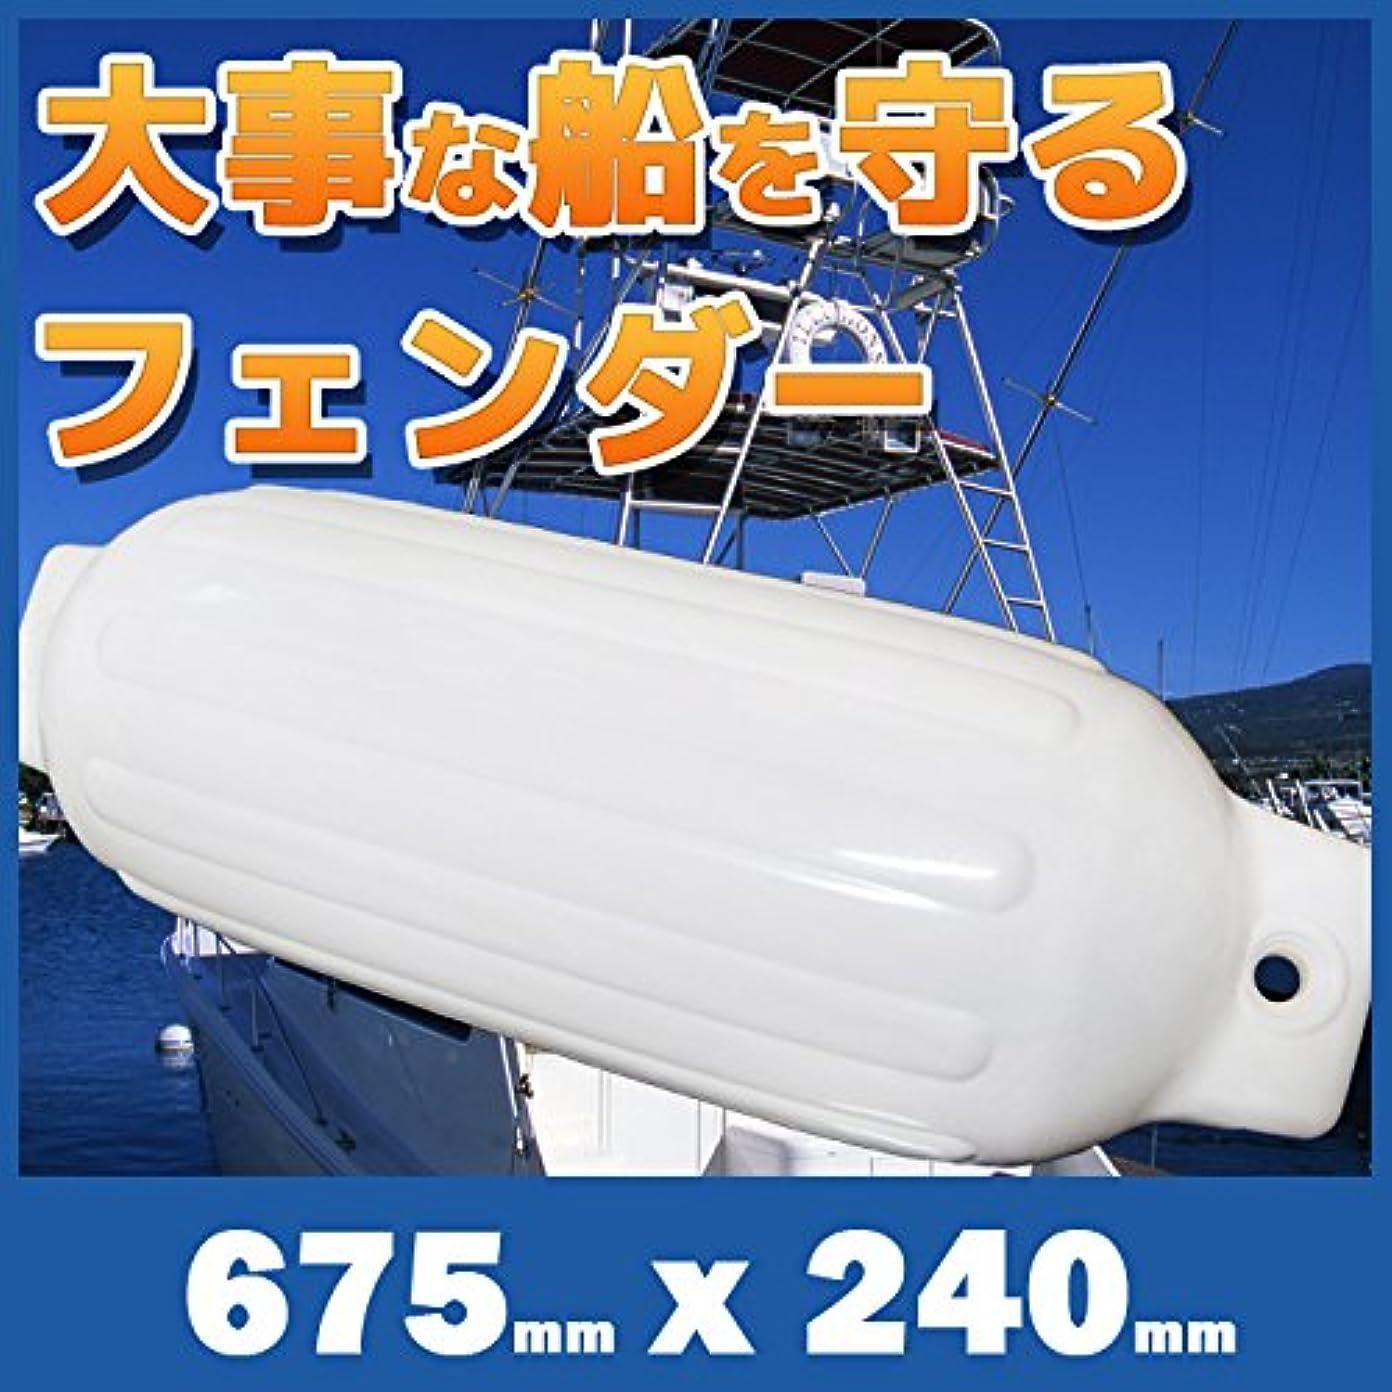 満たす時計回り前件ボートフェンダー エアーフェンダー 675mmx240mm 船舶 ボート用品 係留 艇 係船